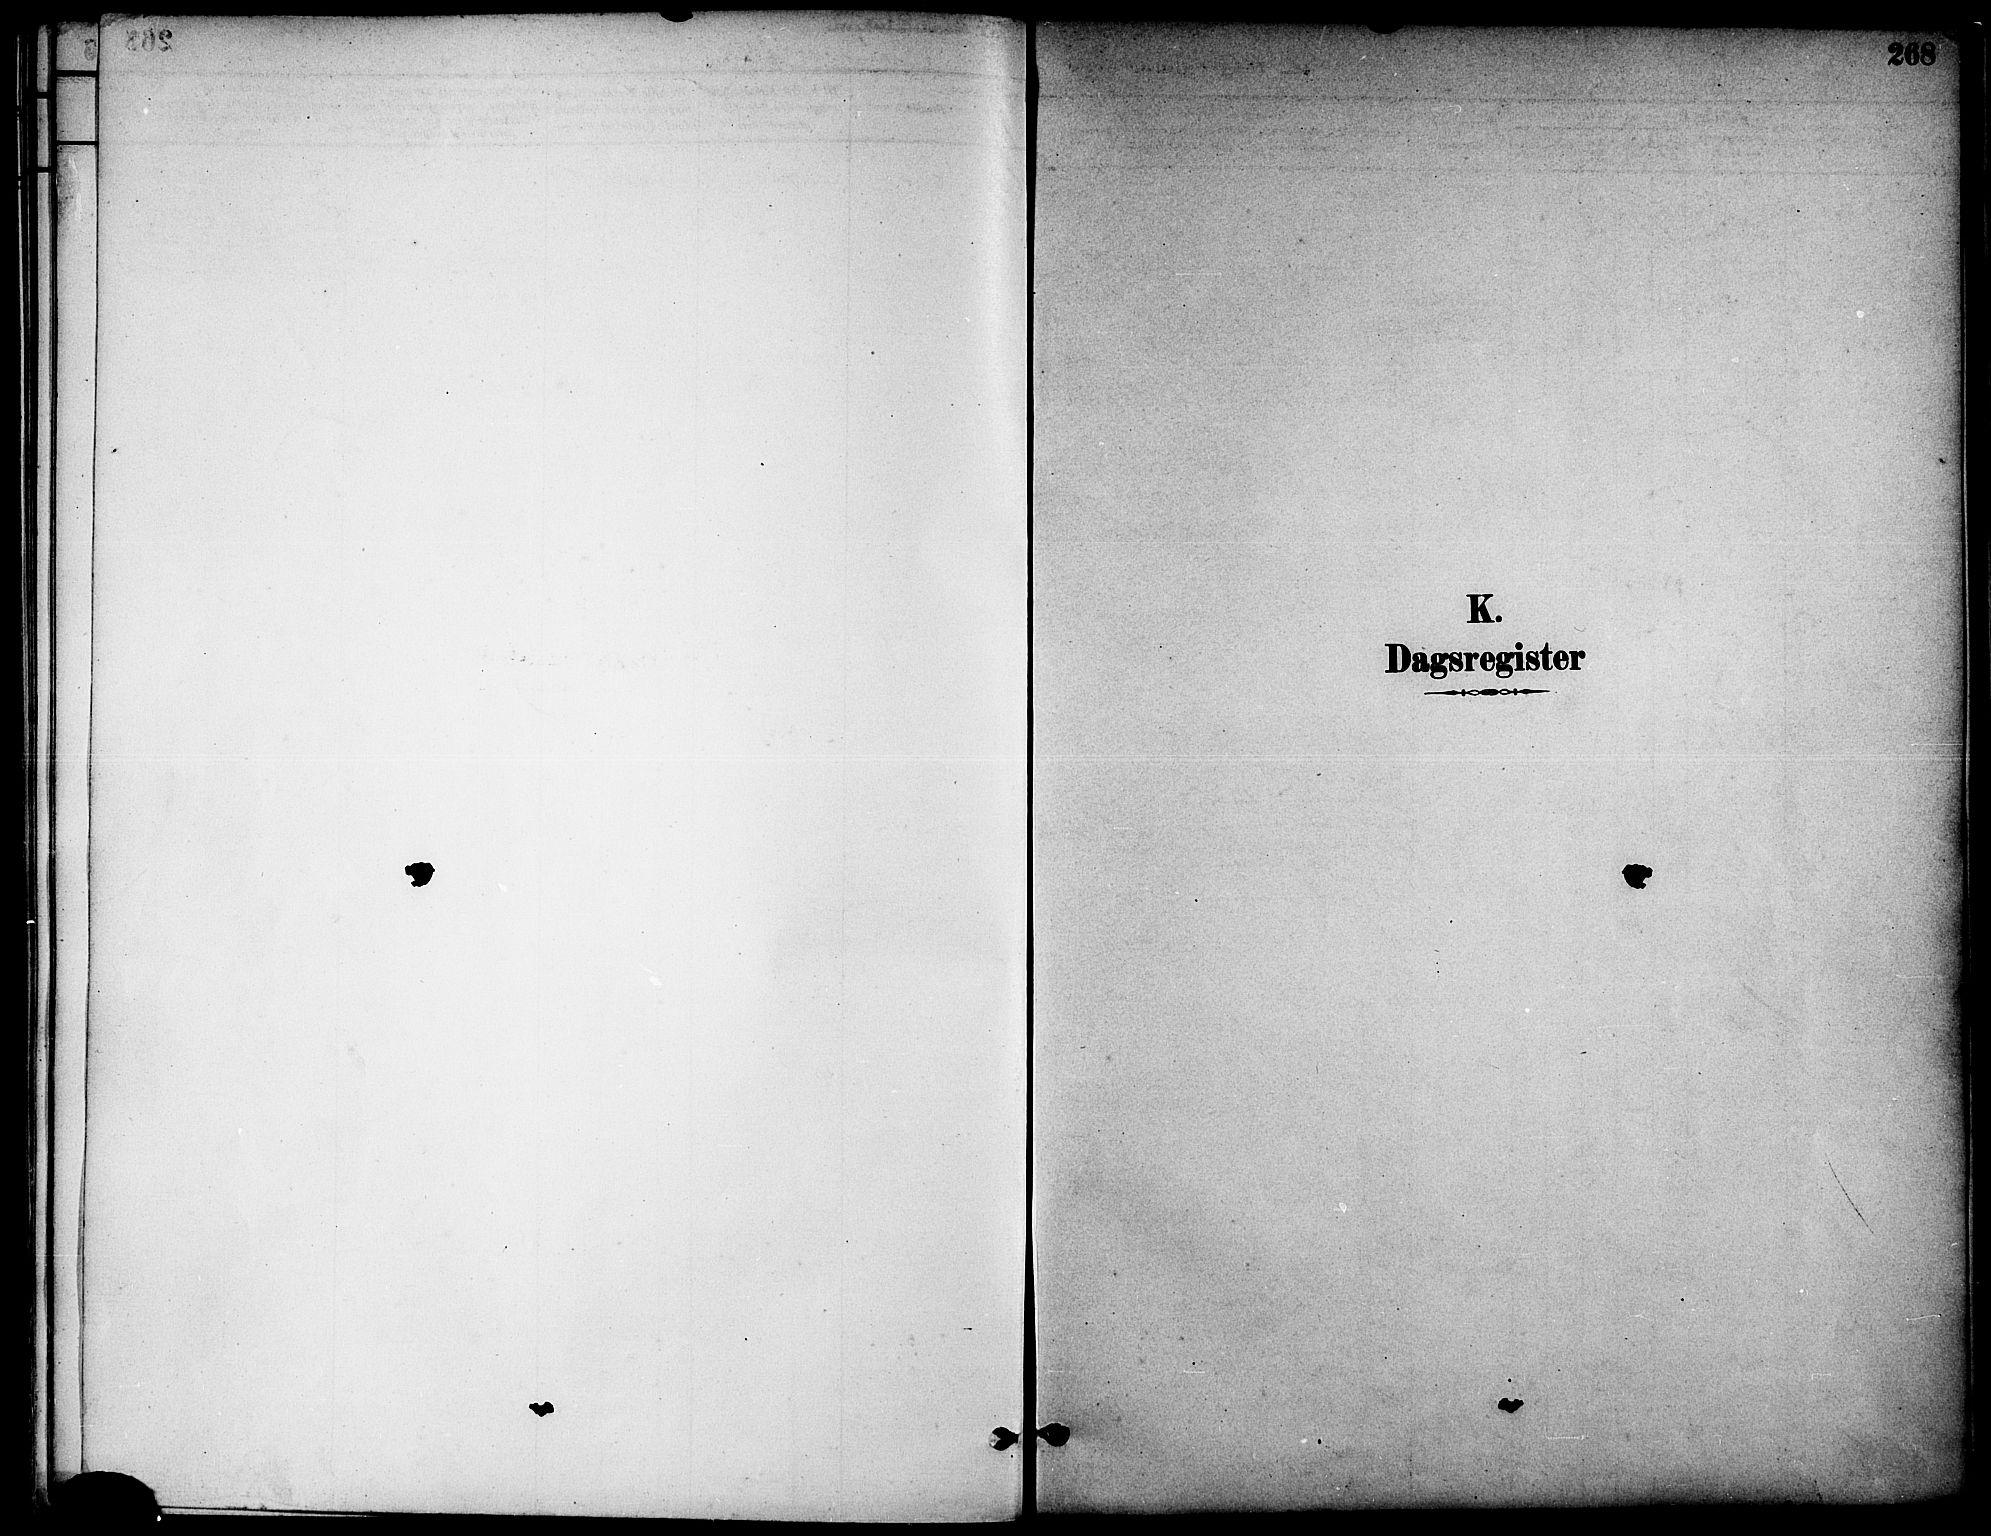 SAT, Ministerialprotokoller, klokkerbøker og fødselsregistre - Nord-Trøndelag, 739/L0371: Ministerialbok nr. 739A03, 1881-1895, s. 268